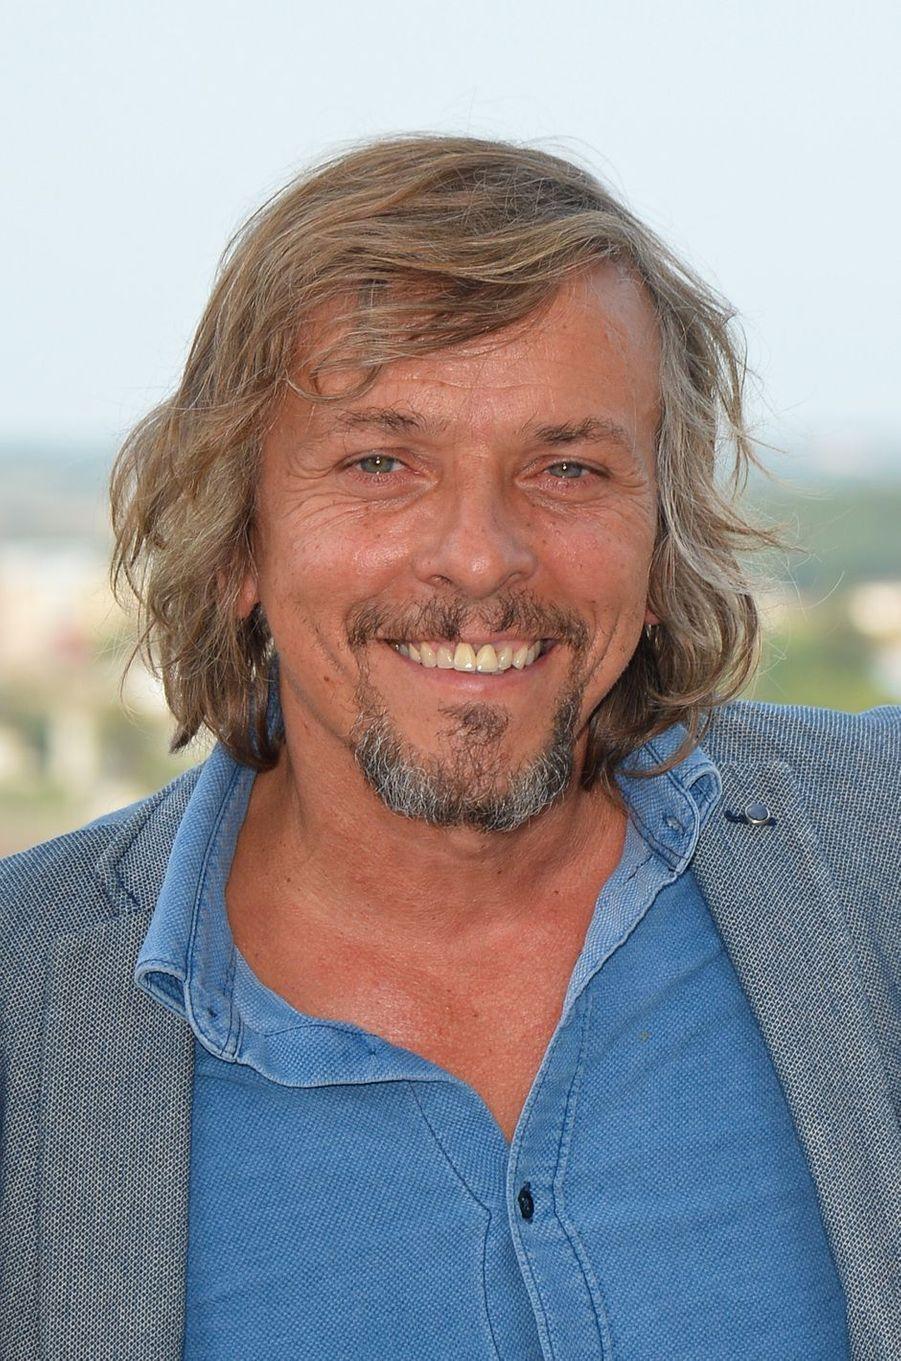 Pascal Demolonau festival du film francophone d'Angoulême, le 24 août 2017.